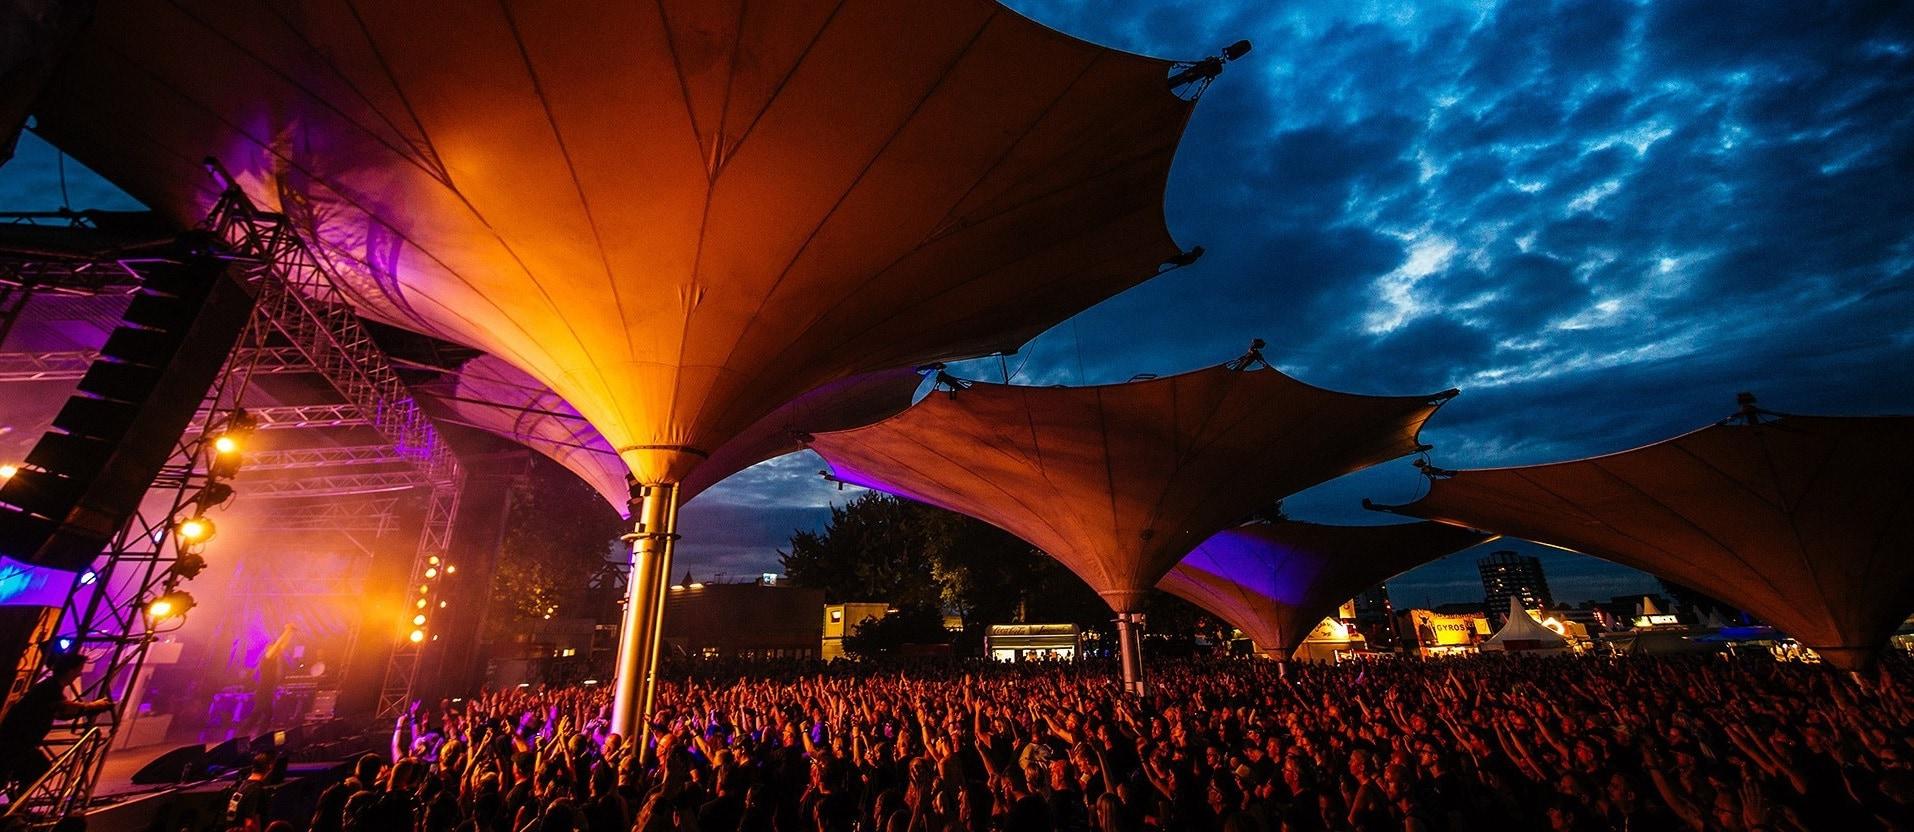 Amphi Festival Header